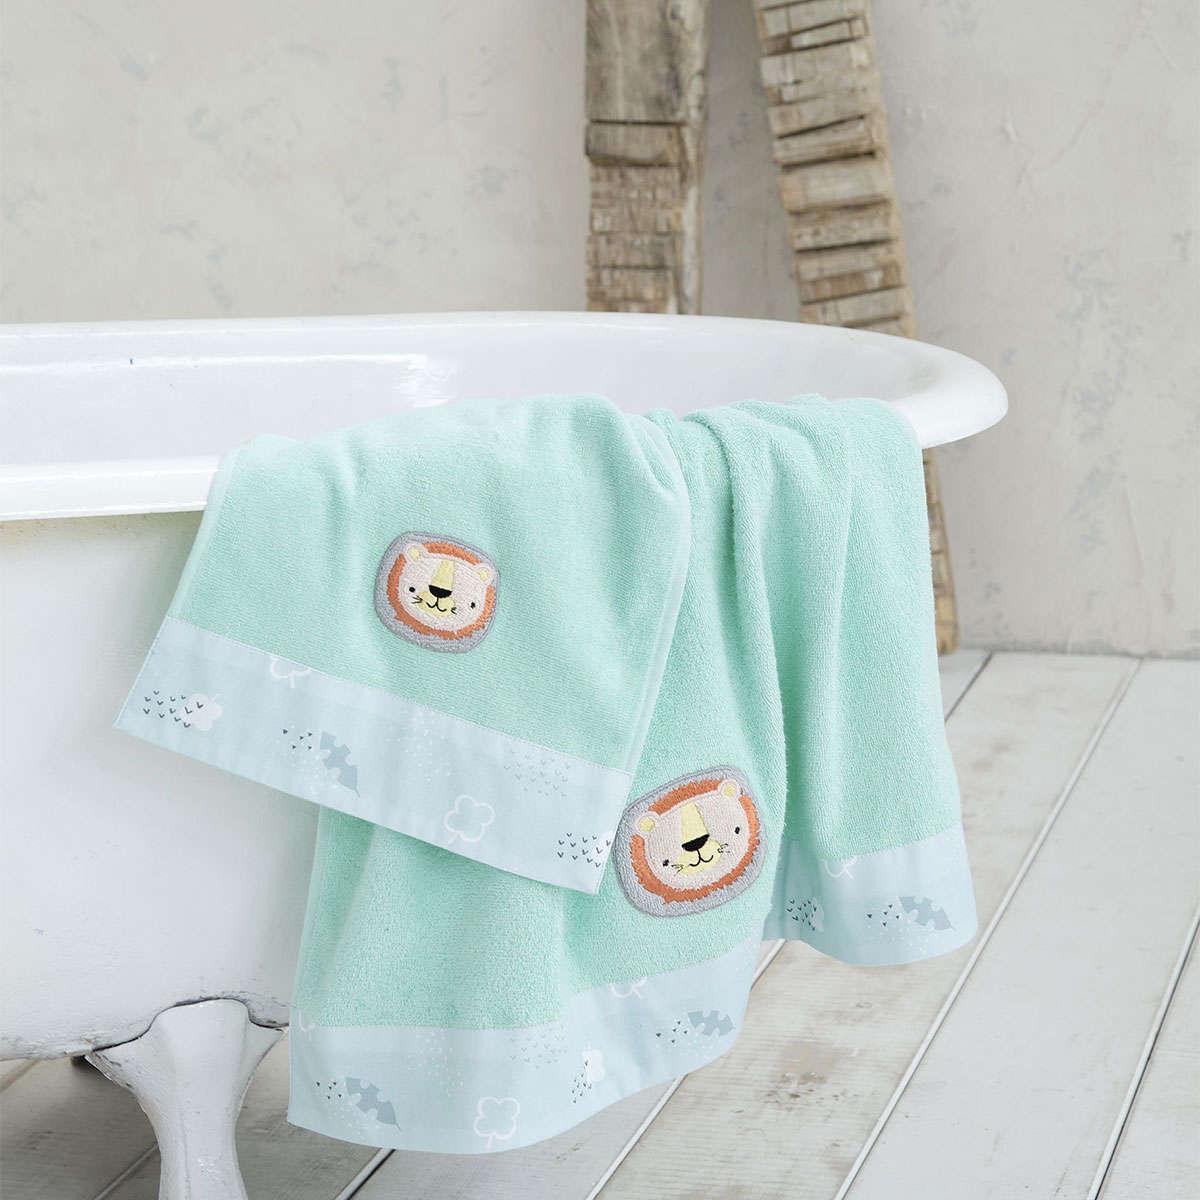 Πετσέτες Παιδικές Σετ 2τμχ. – Daba Doo Ciel Nima Σετ Πετσέτες 70x140cm